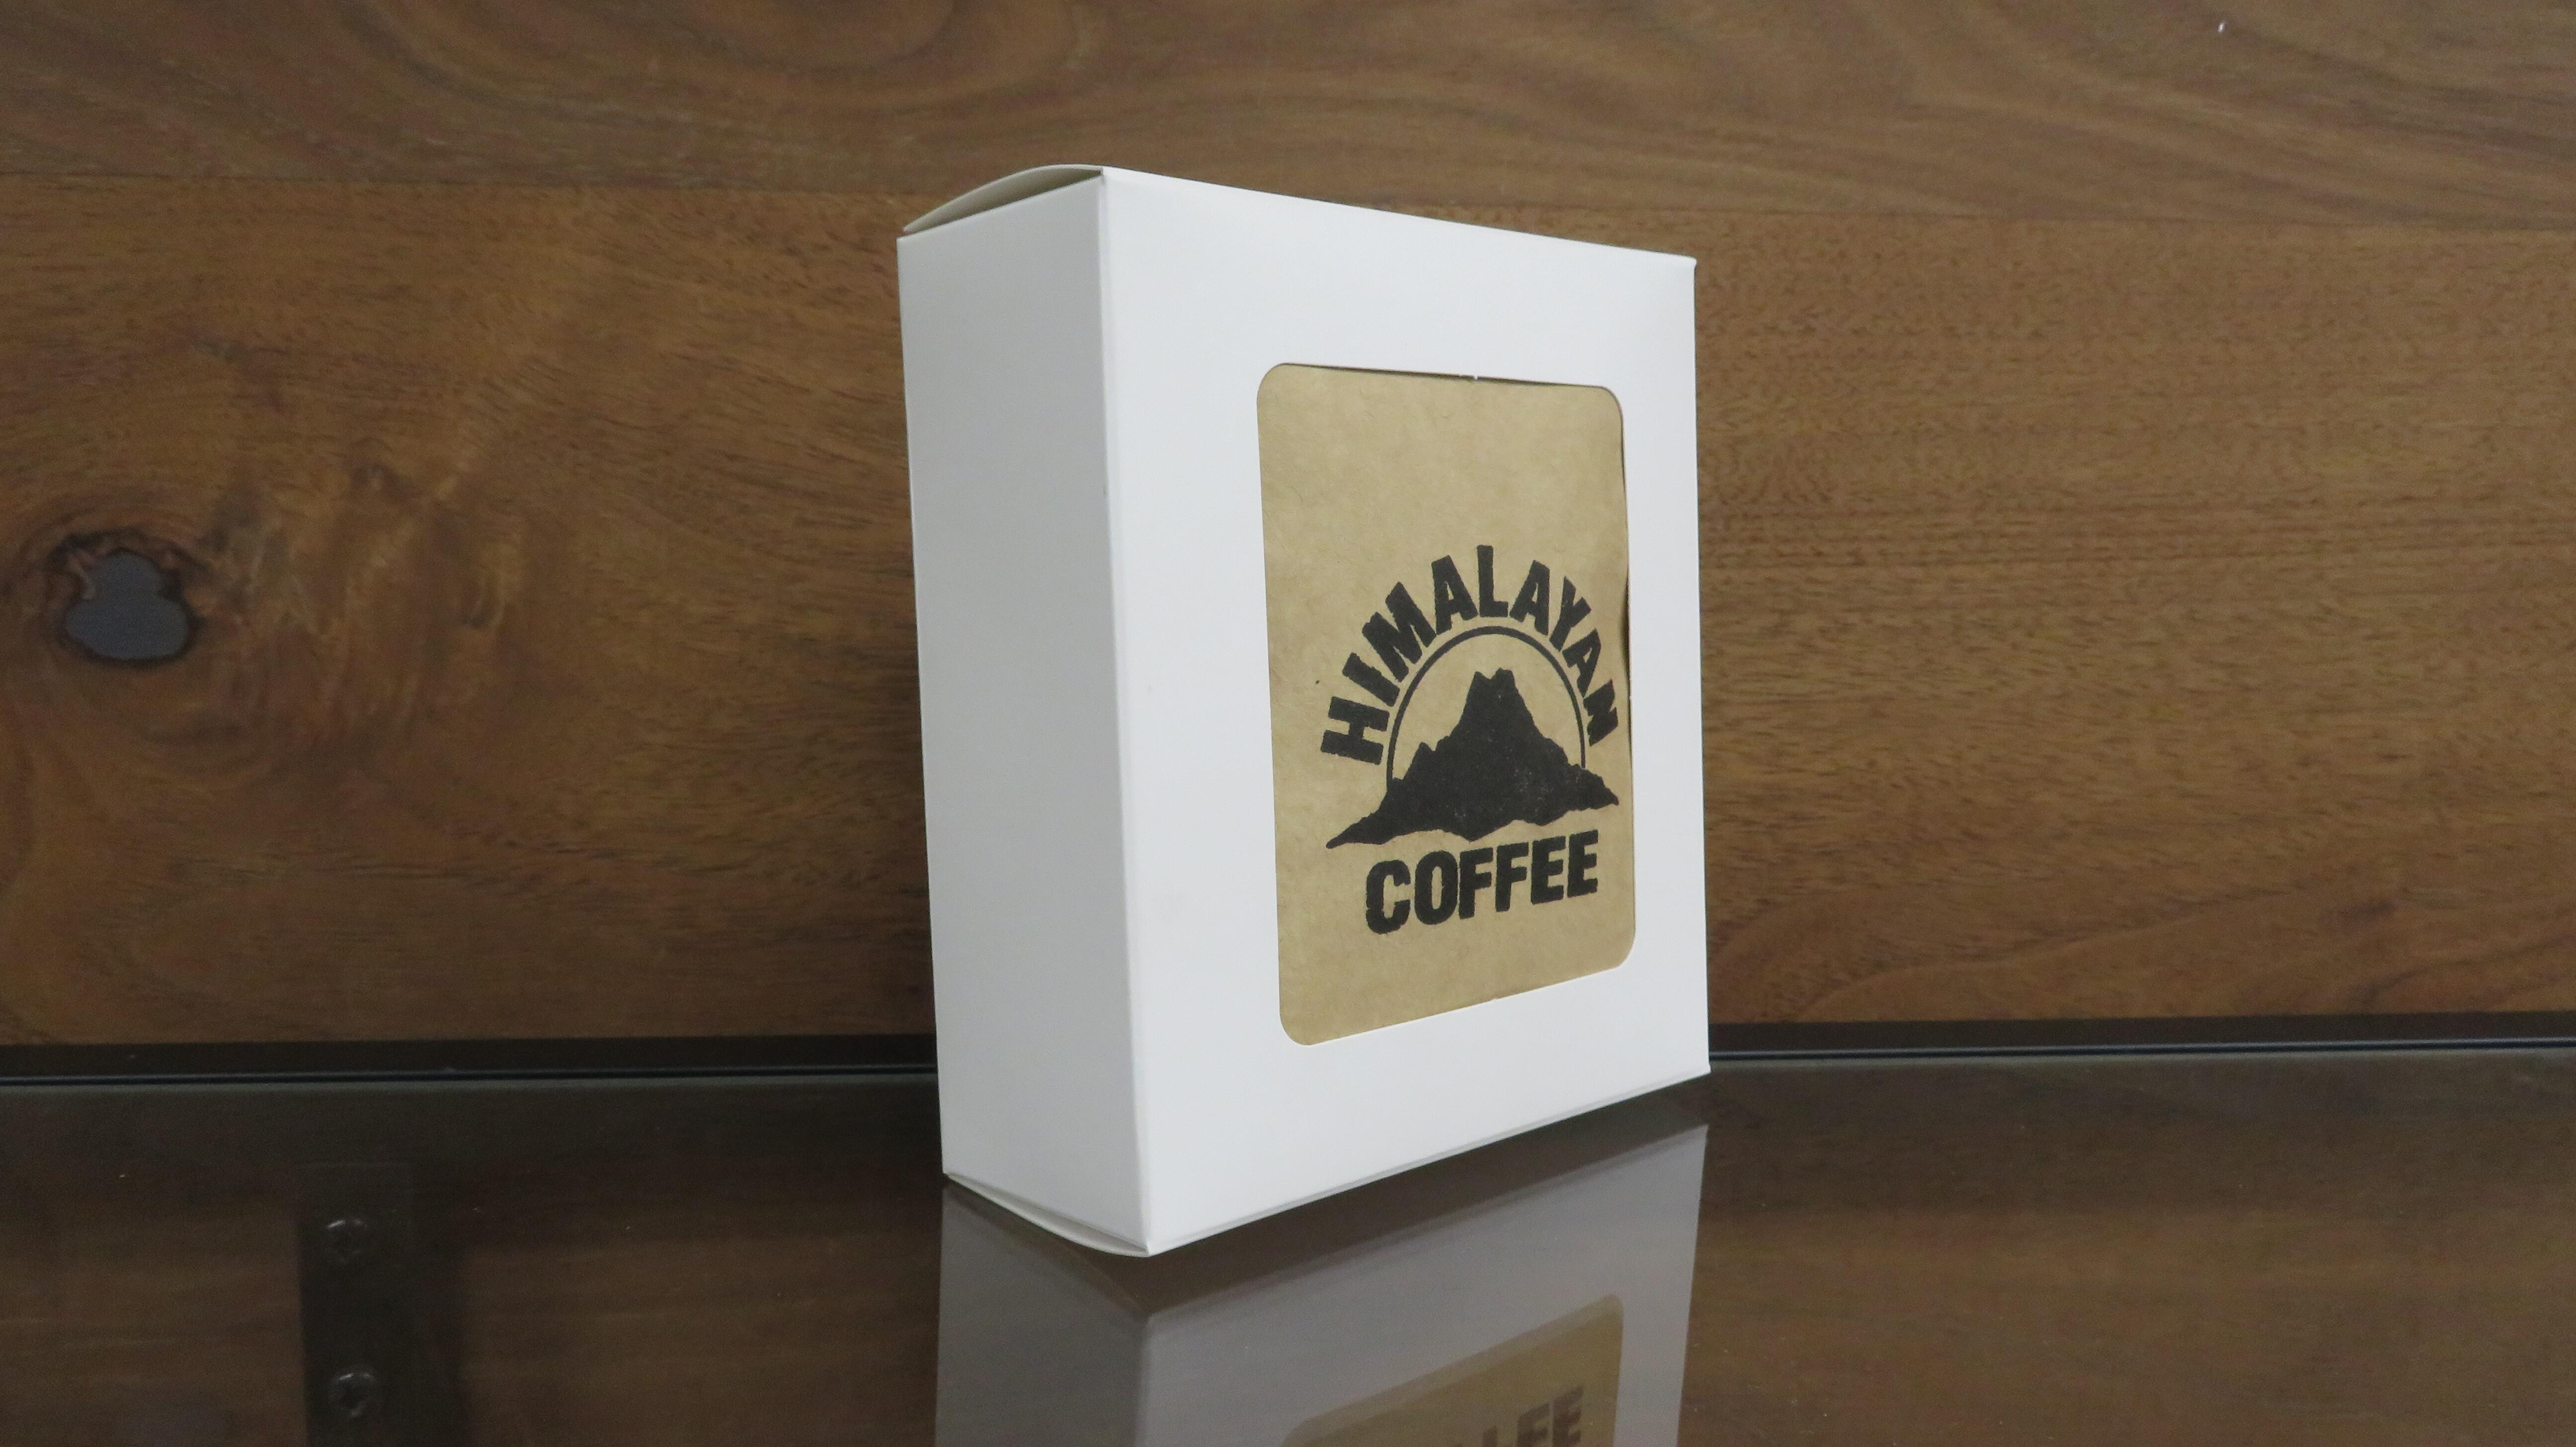 ヒマラヤン Pure スペシャルティコーヒー  ギフトセット(ドリップバッグ12個)